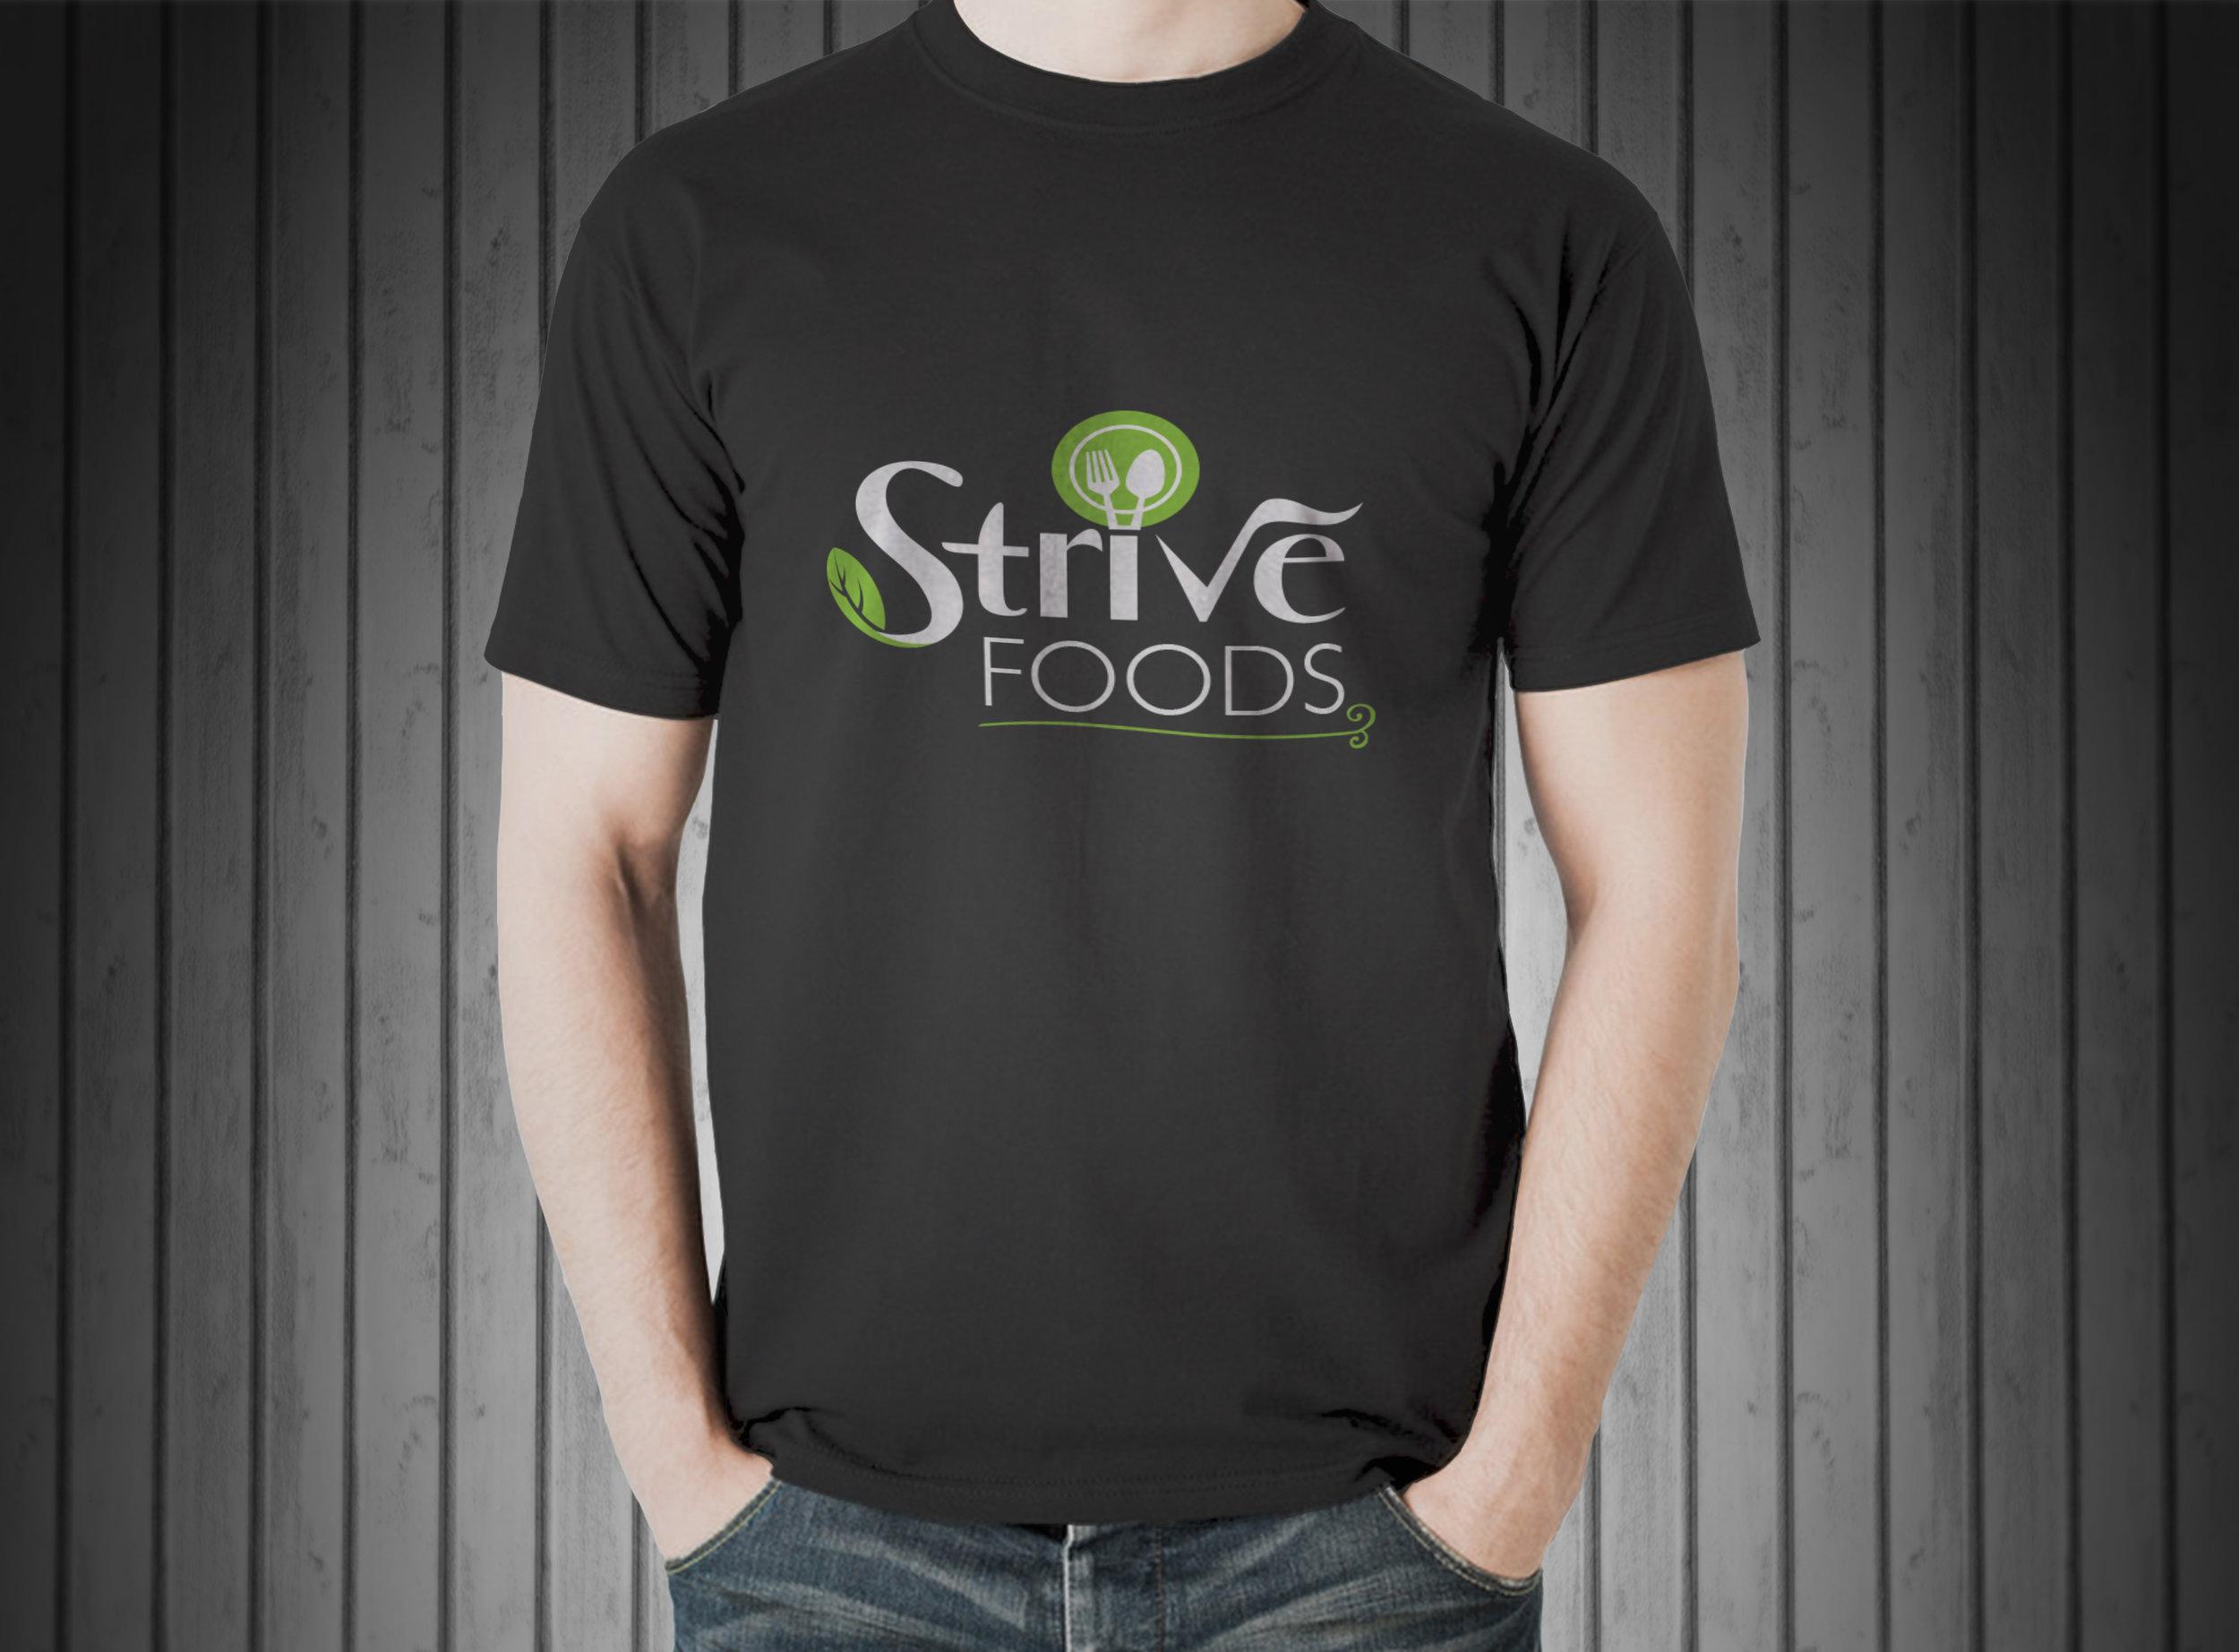 StriveT-Shirt.jpg